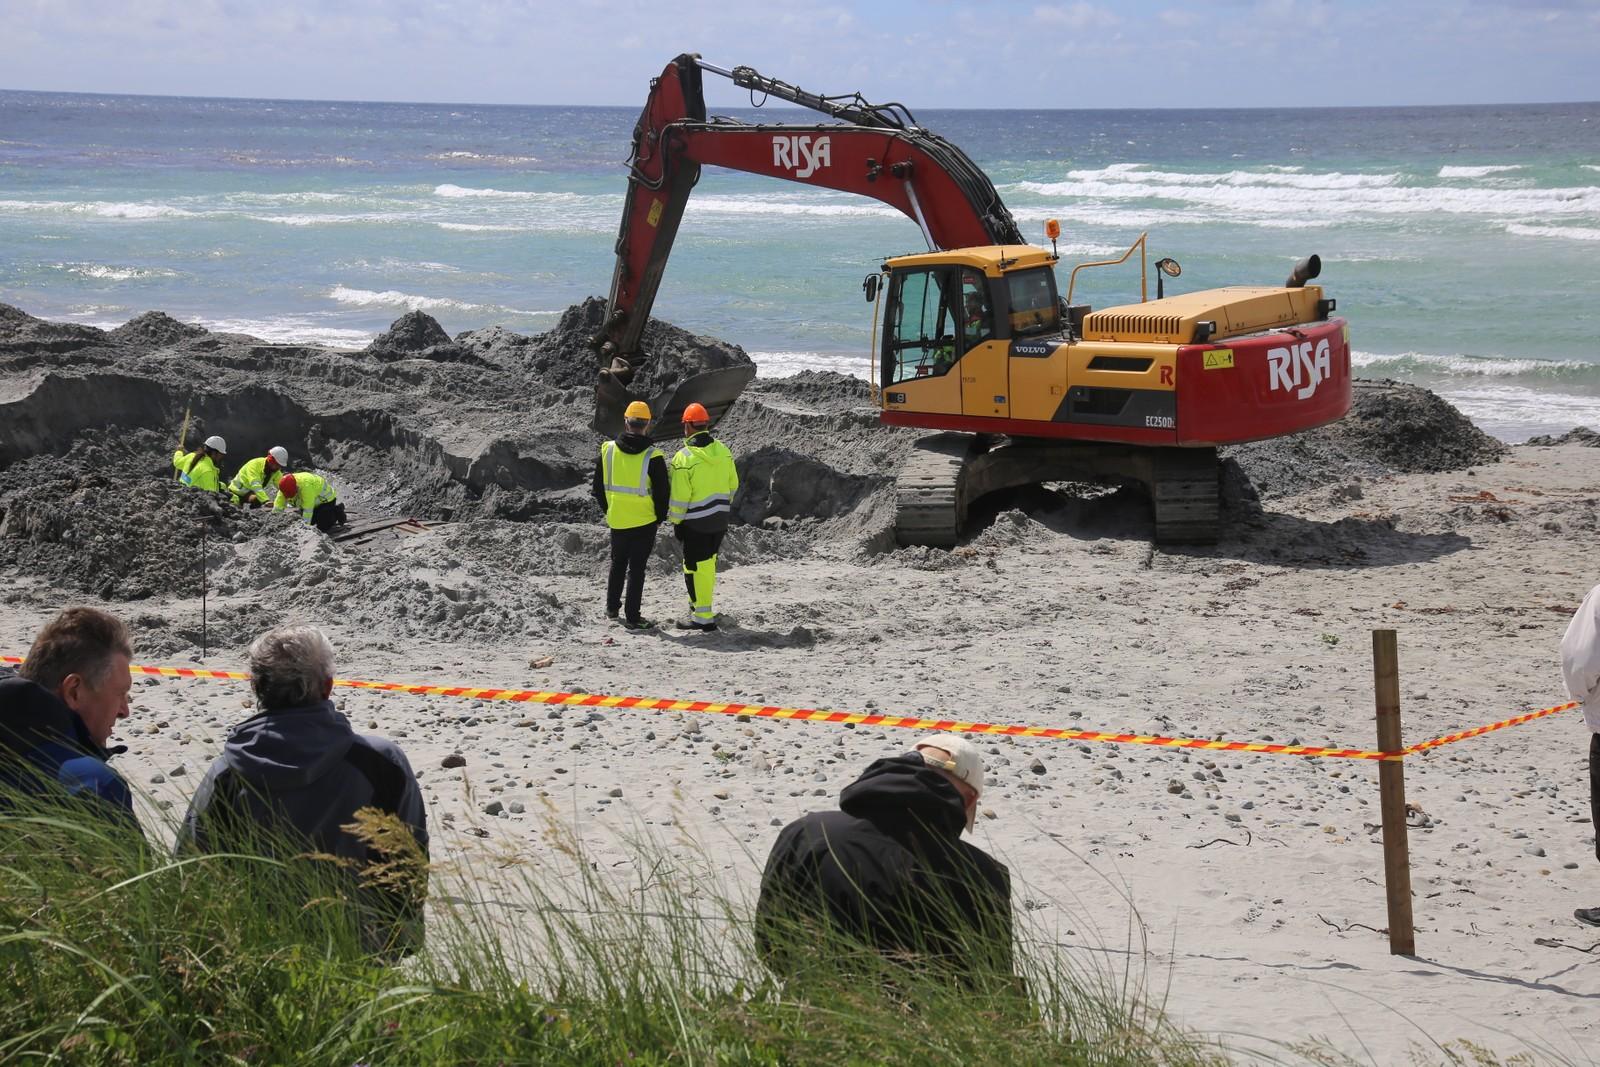 Skipsvraket ble oppdaget våren 2016. Det er allerede gjort prøvegraving og analyser av treverket.